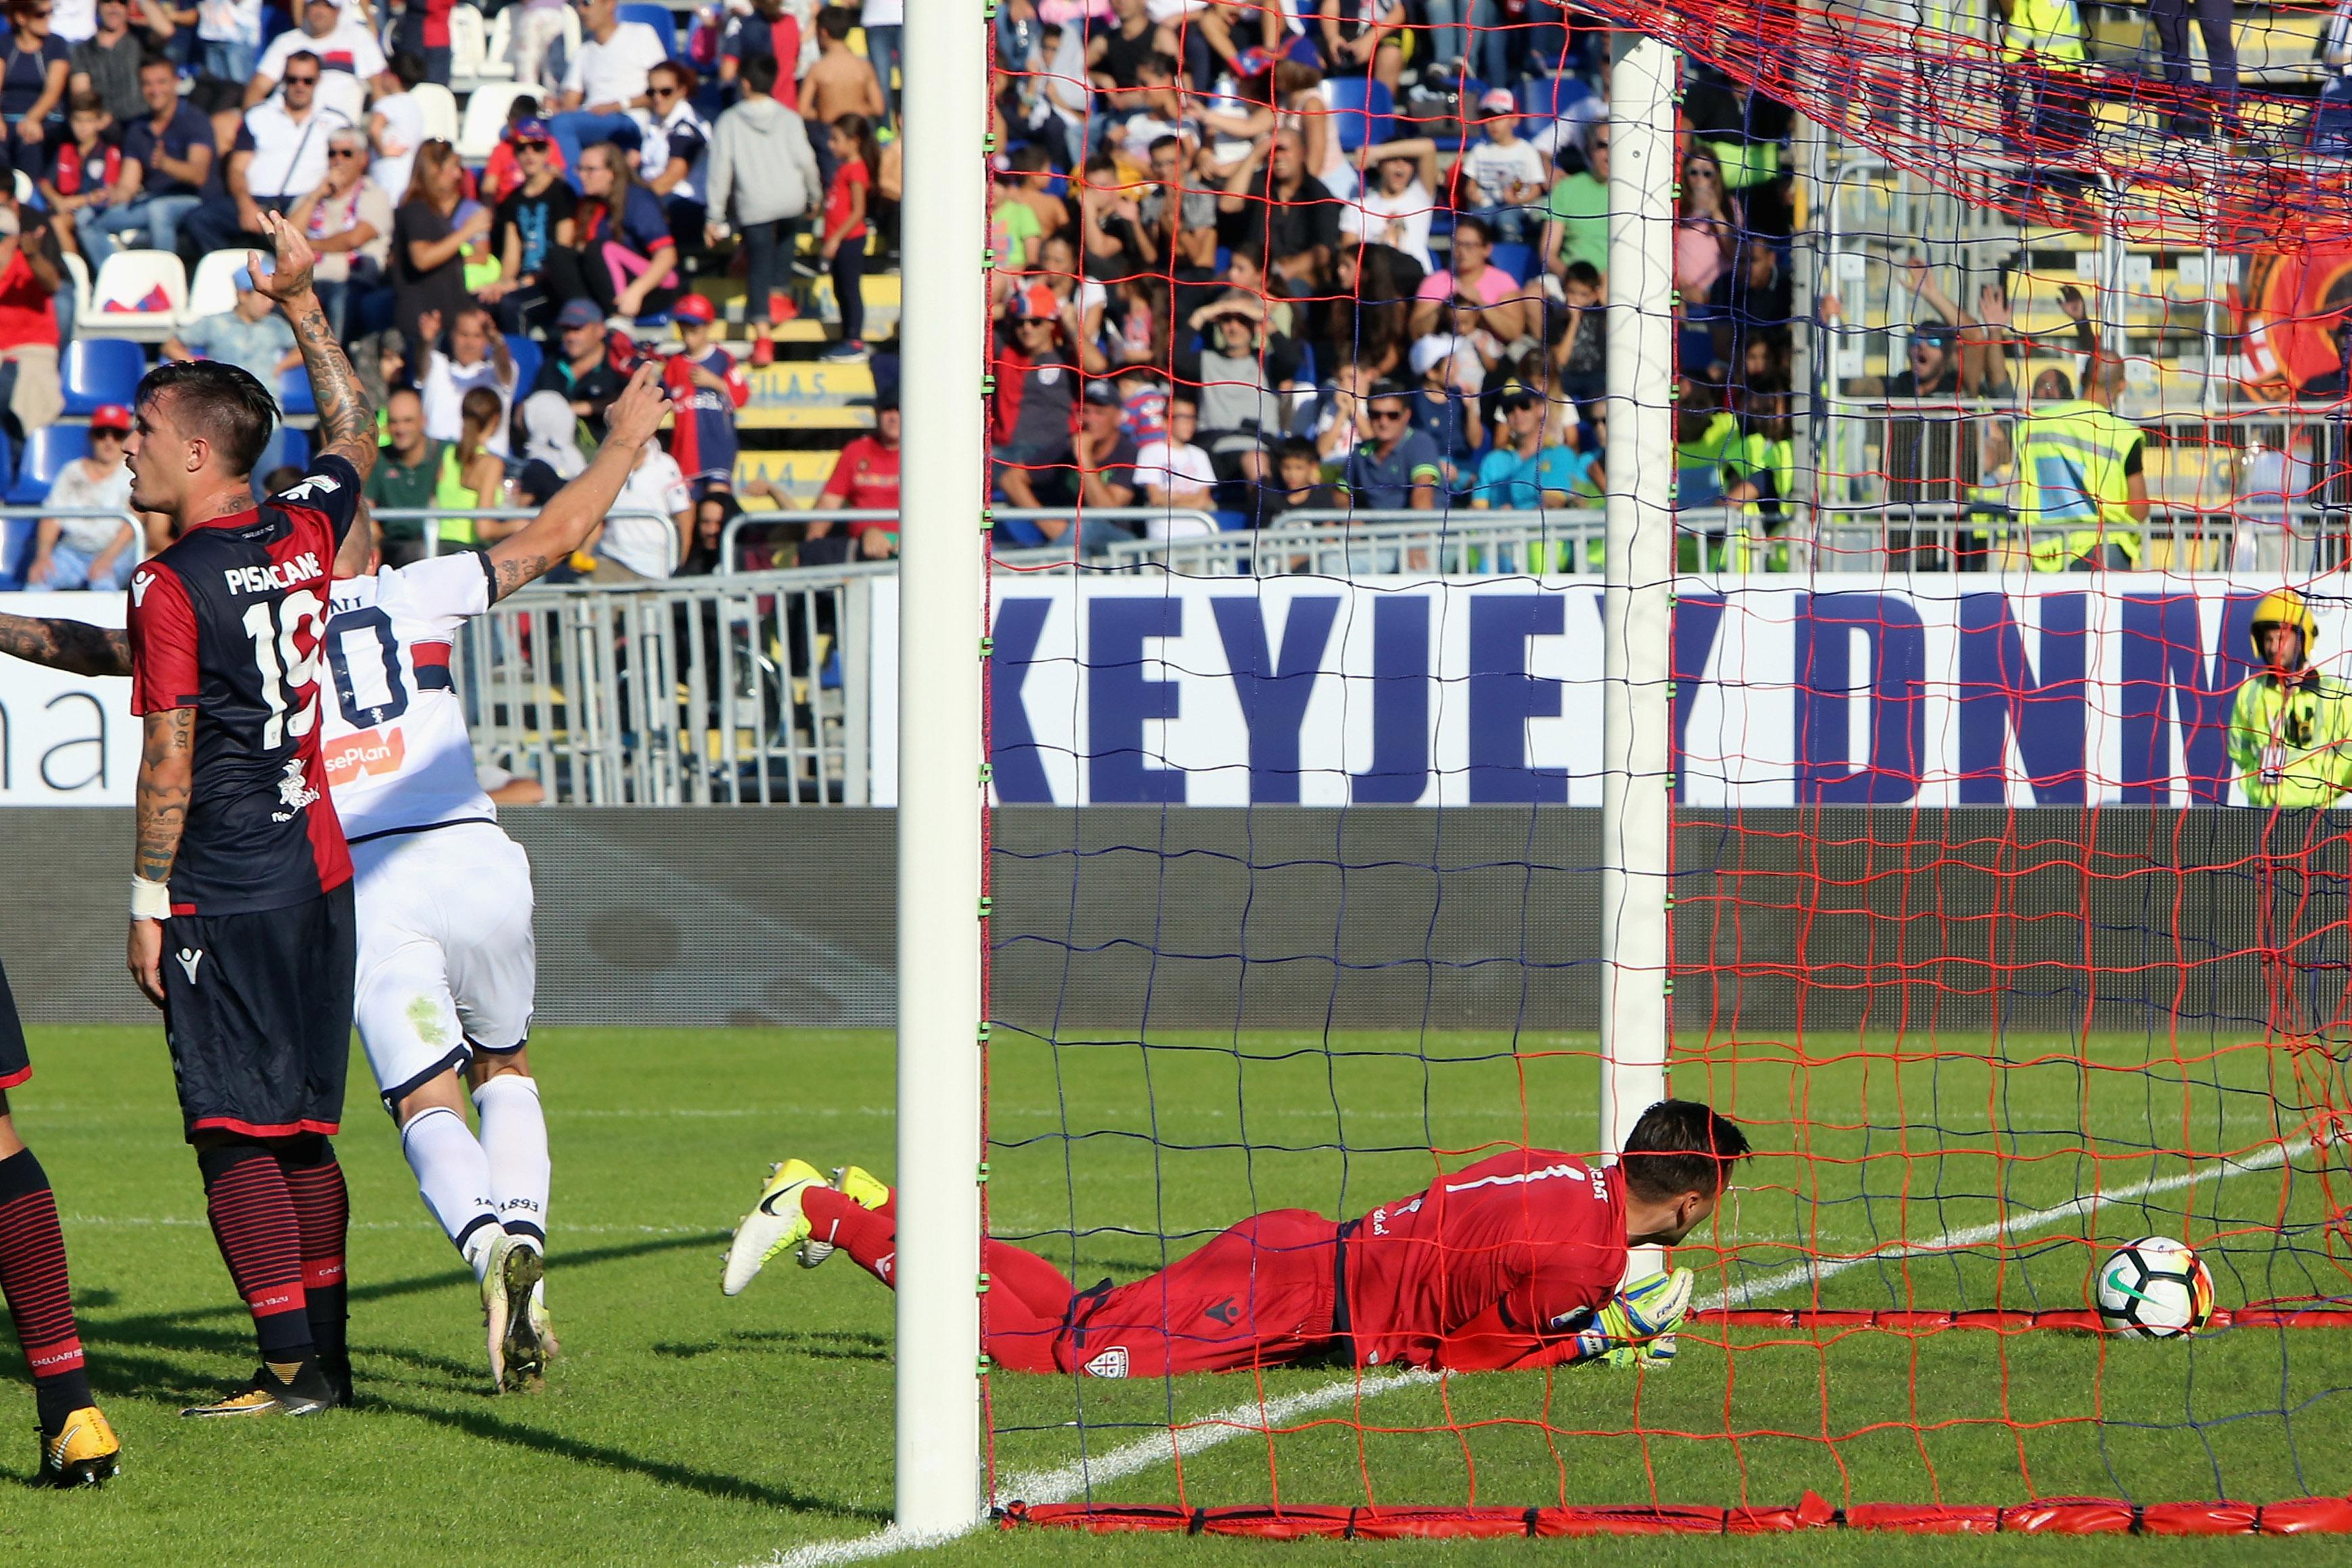 Il gol di Rigoni che porta il Genoa sul 1-3 sul Cagliari (Foto Enrico Locci/Getty Images)